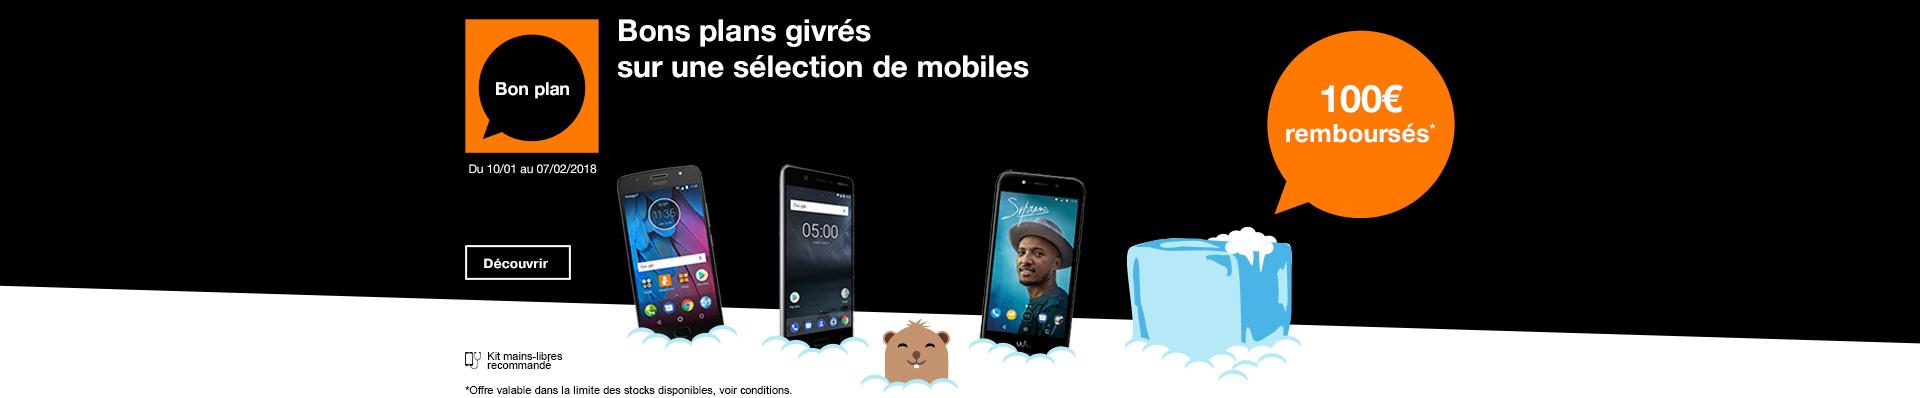 100 euros remboursés sur 3 mobiles